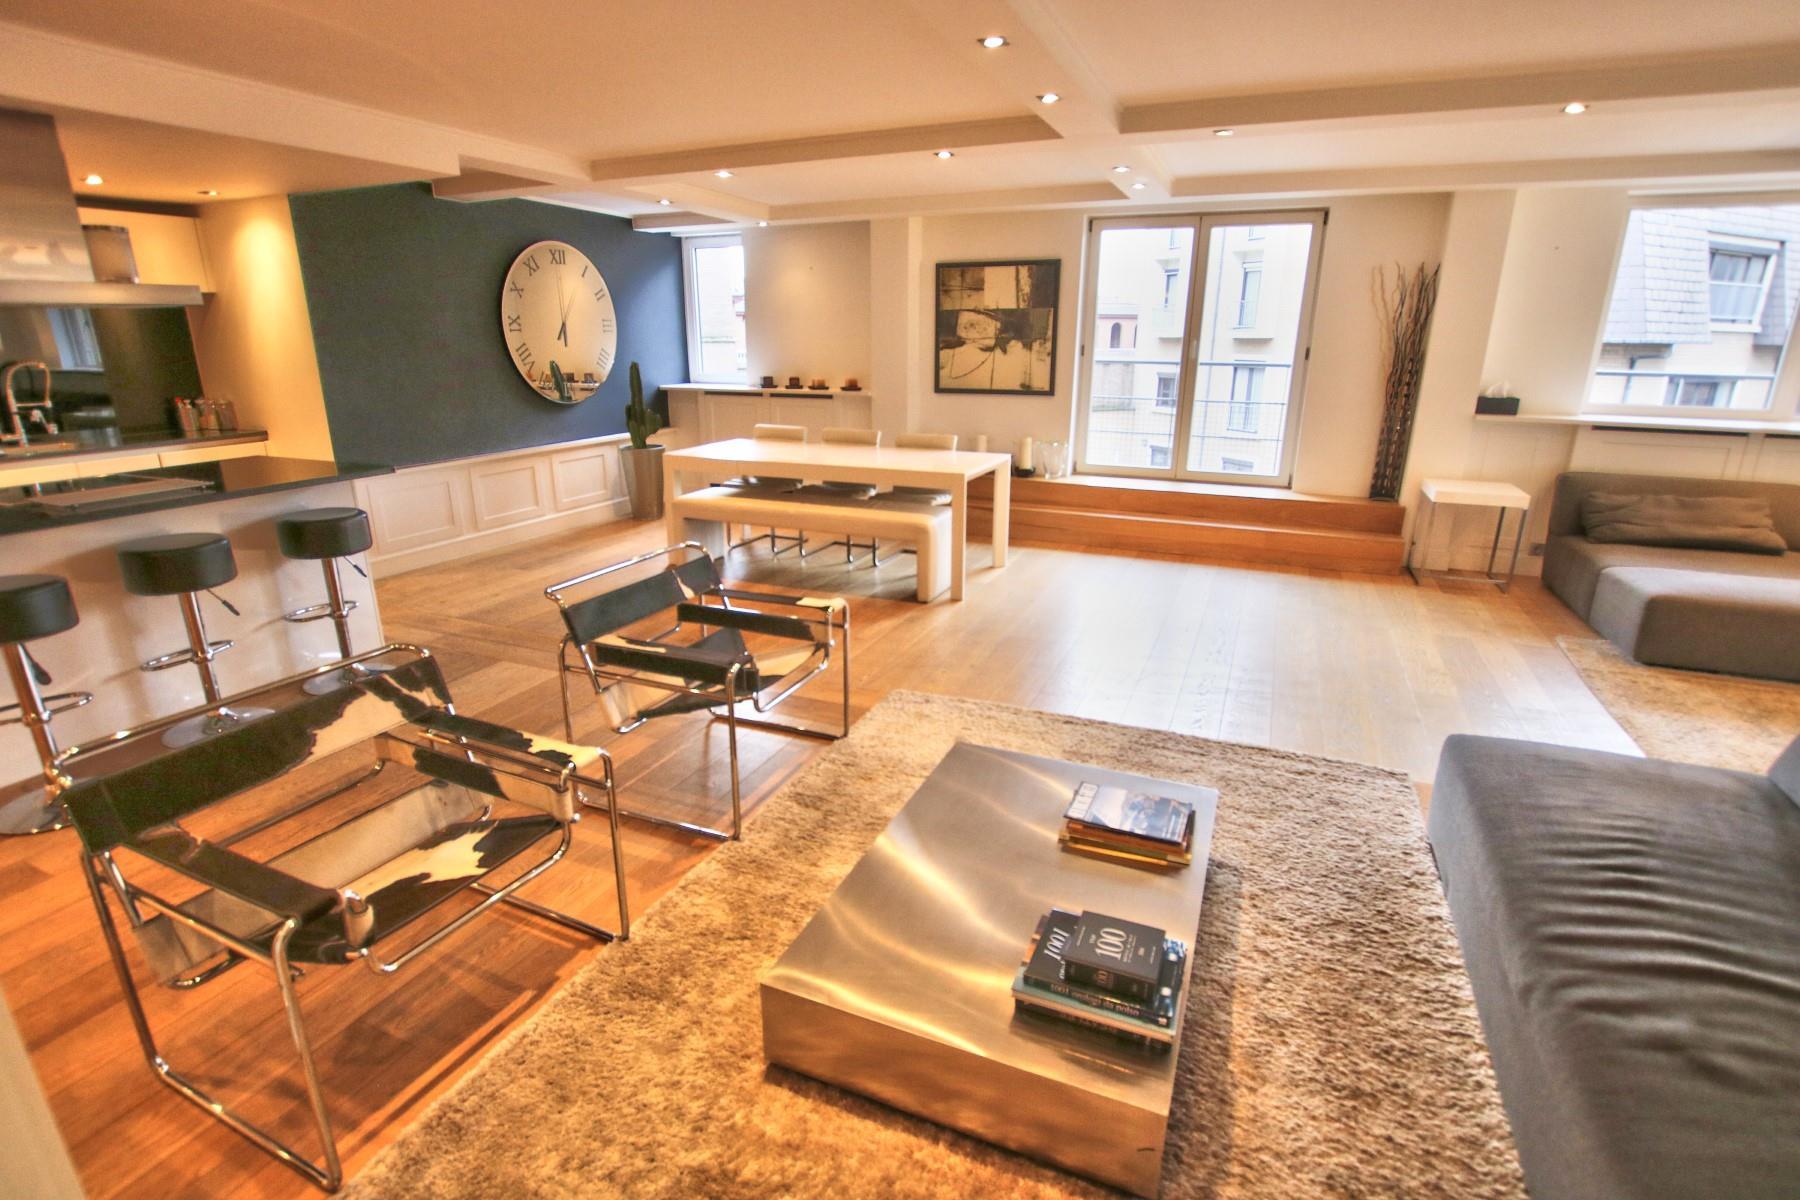 Appartement exceptionnel - Ixelles - #4030098-2